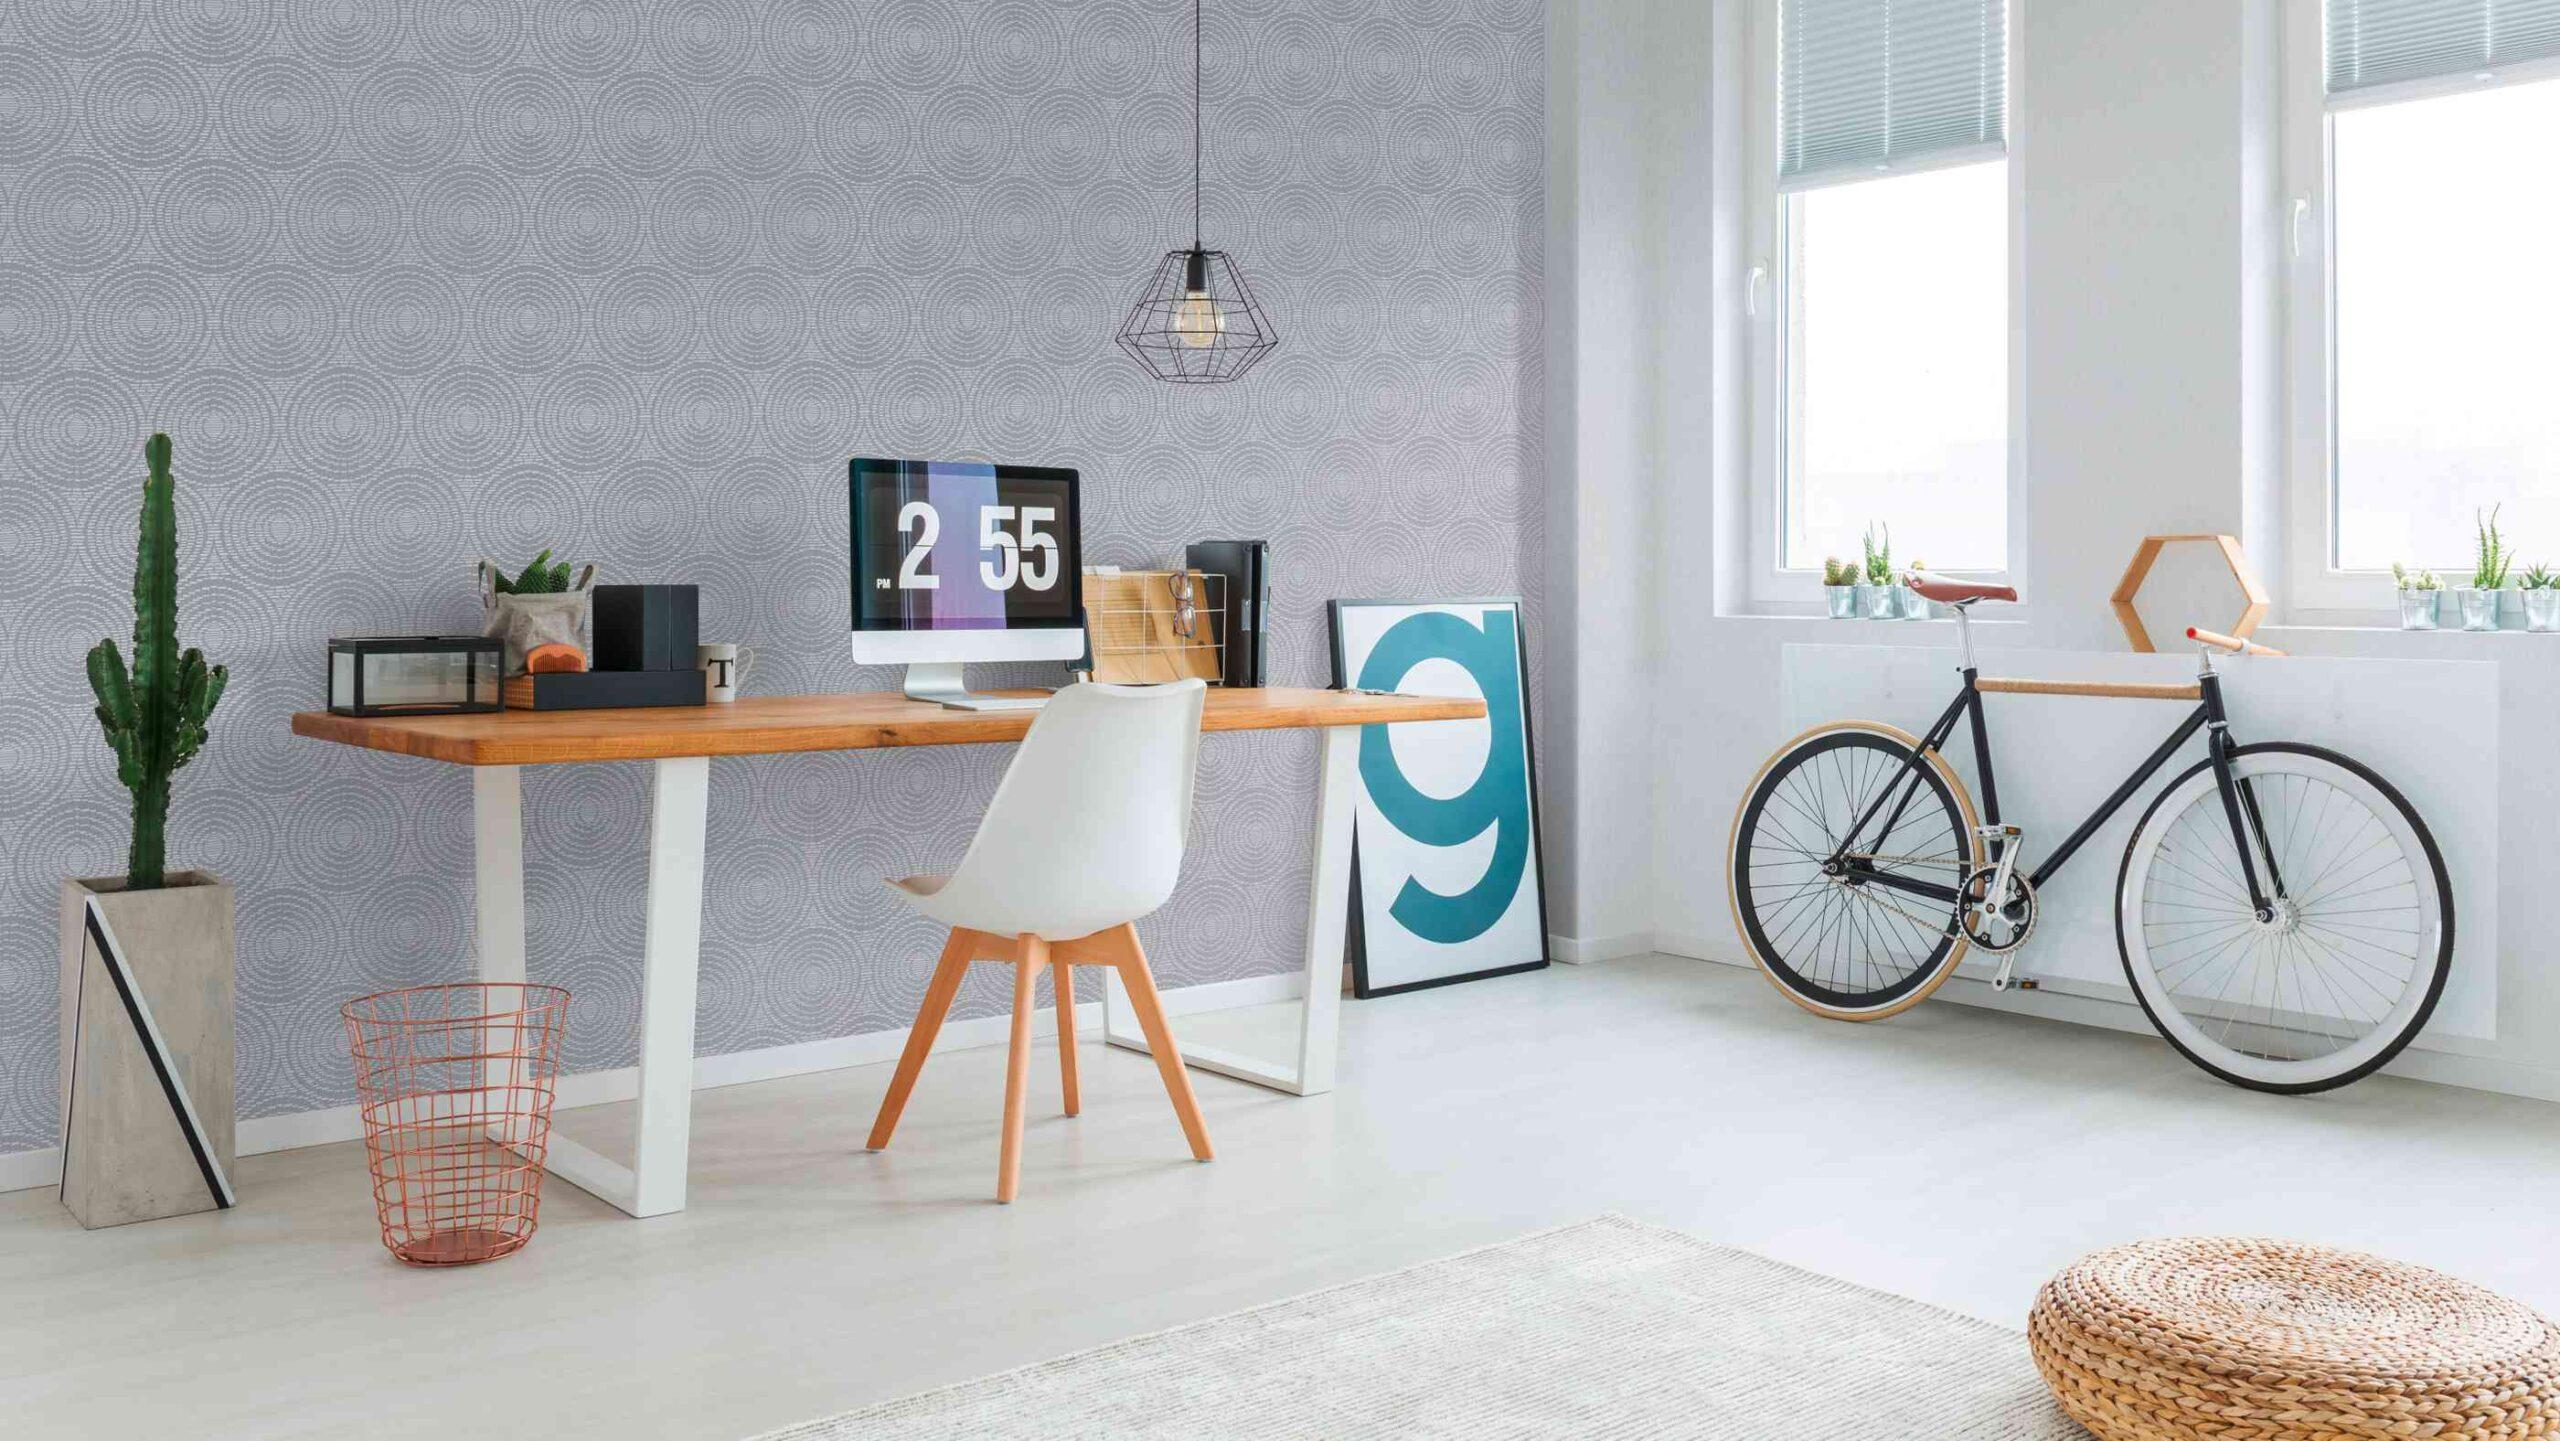 Full Size of Tapeten 2020 Wohnzimmer Trends Moderne Tapetentrends So Sehen Der Zukunft Aus Pendelleuchte Stehlampe Deckenleuchten Teppich Deckenlampen Modern Relaxliege Wohnzimmer Tapeten 2020 Wohnzimmer